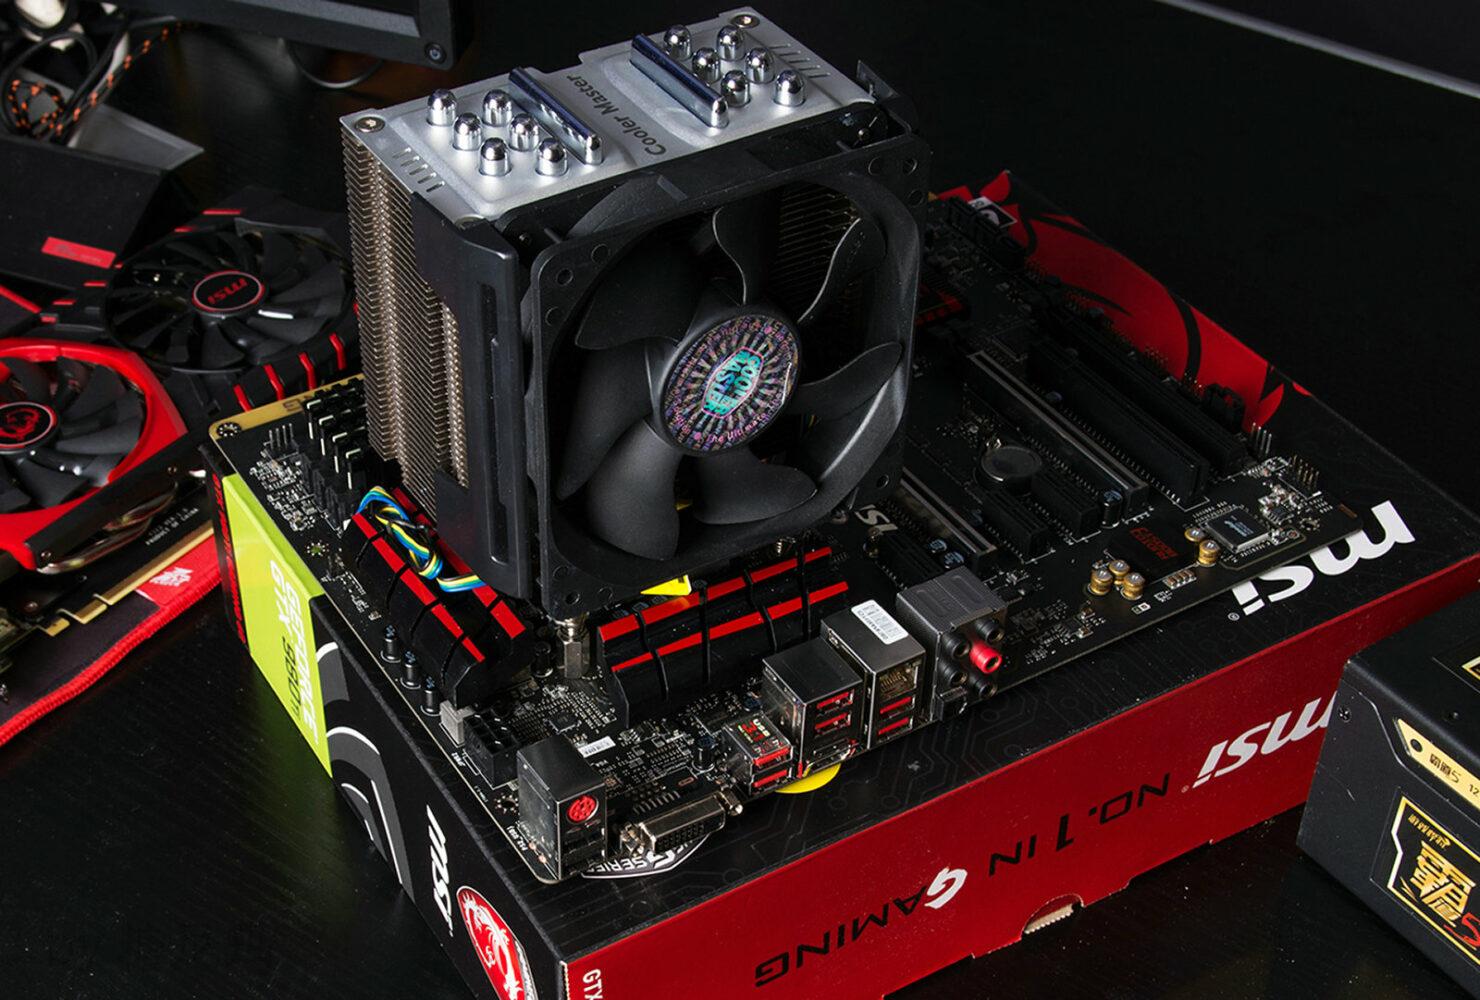 intel-core-i7-6700k-vs-core-i7-4790k_cooler-master-cooler